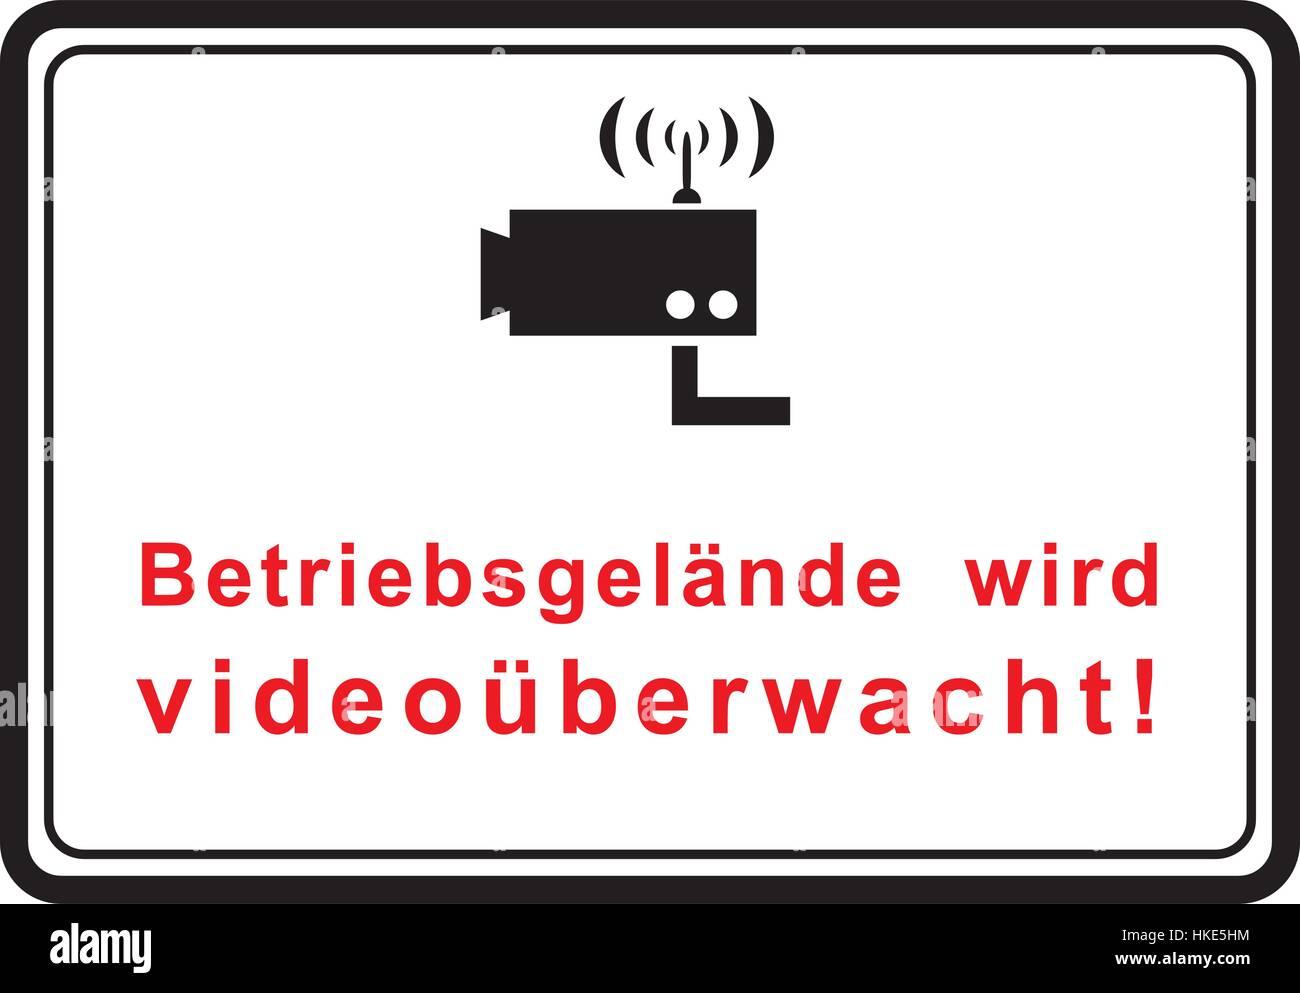 Company premises is video monitored. Betriebsgelände wird videoüberwacht! - Stock Vector